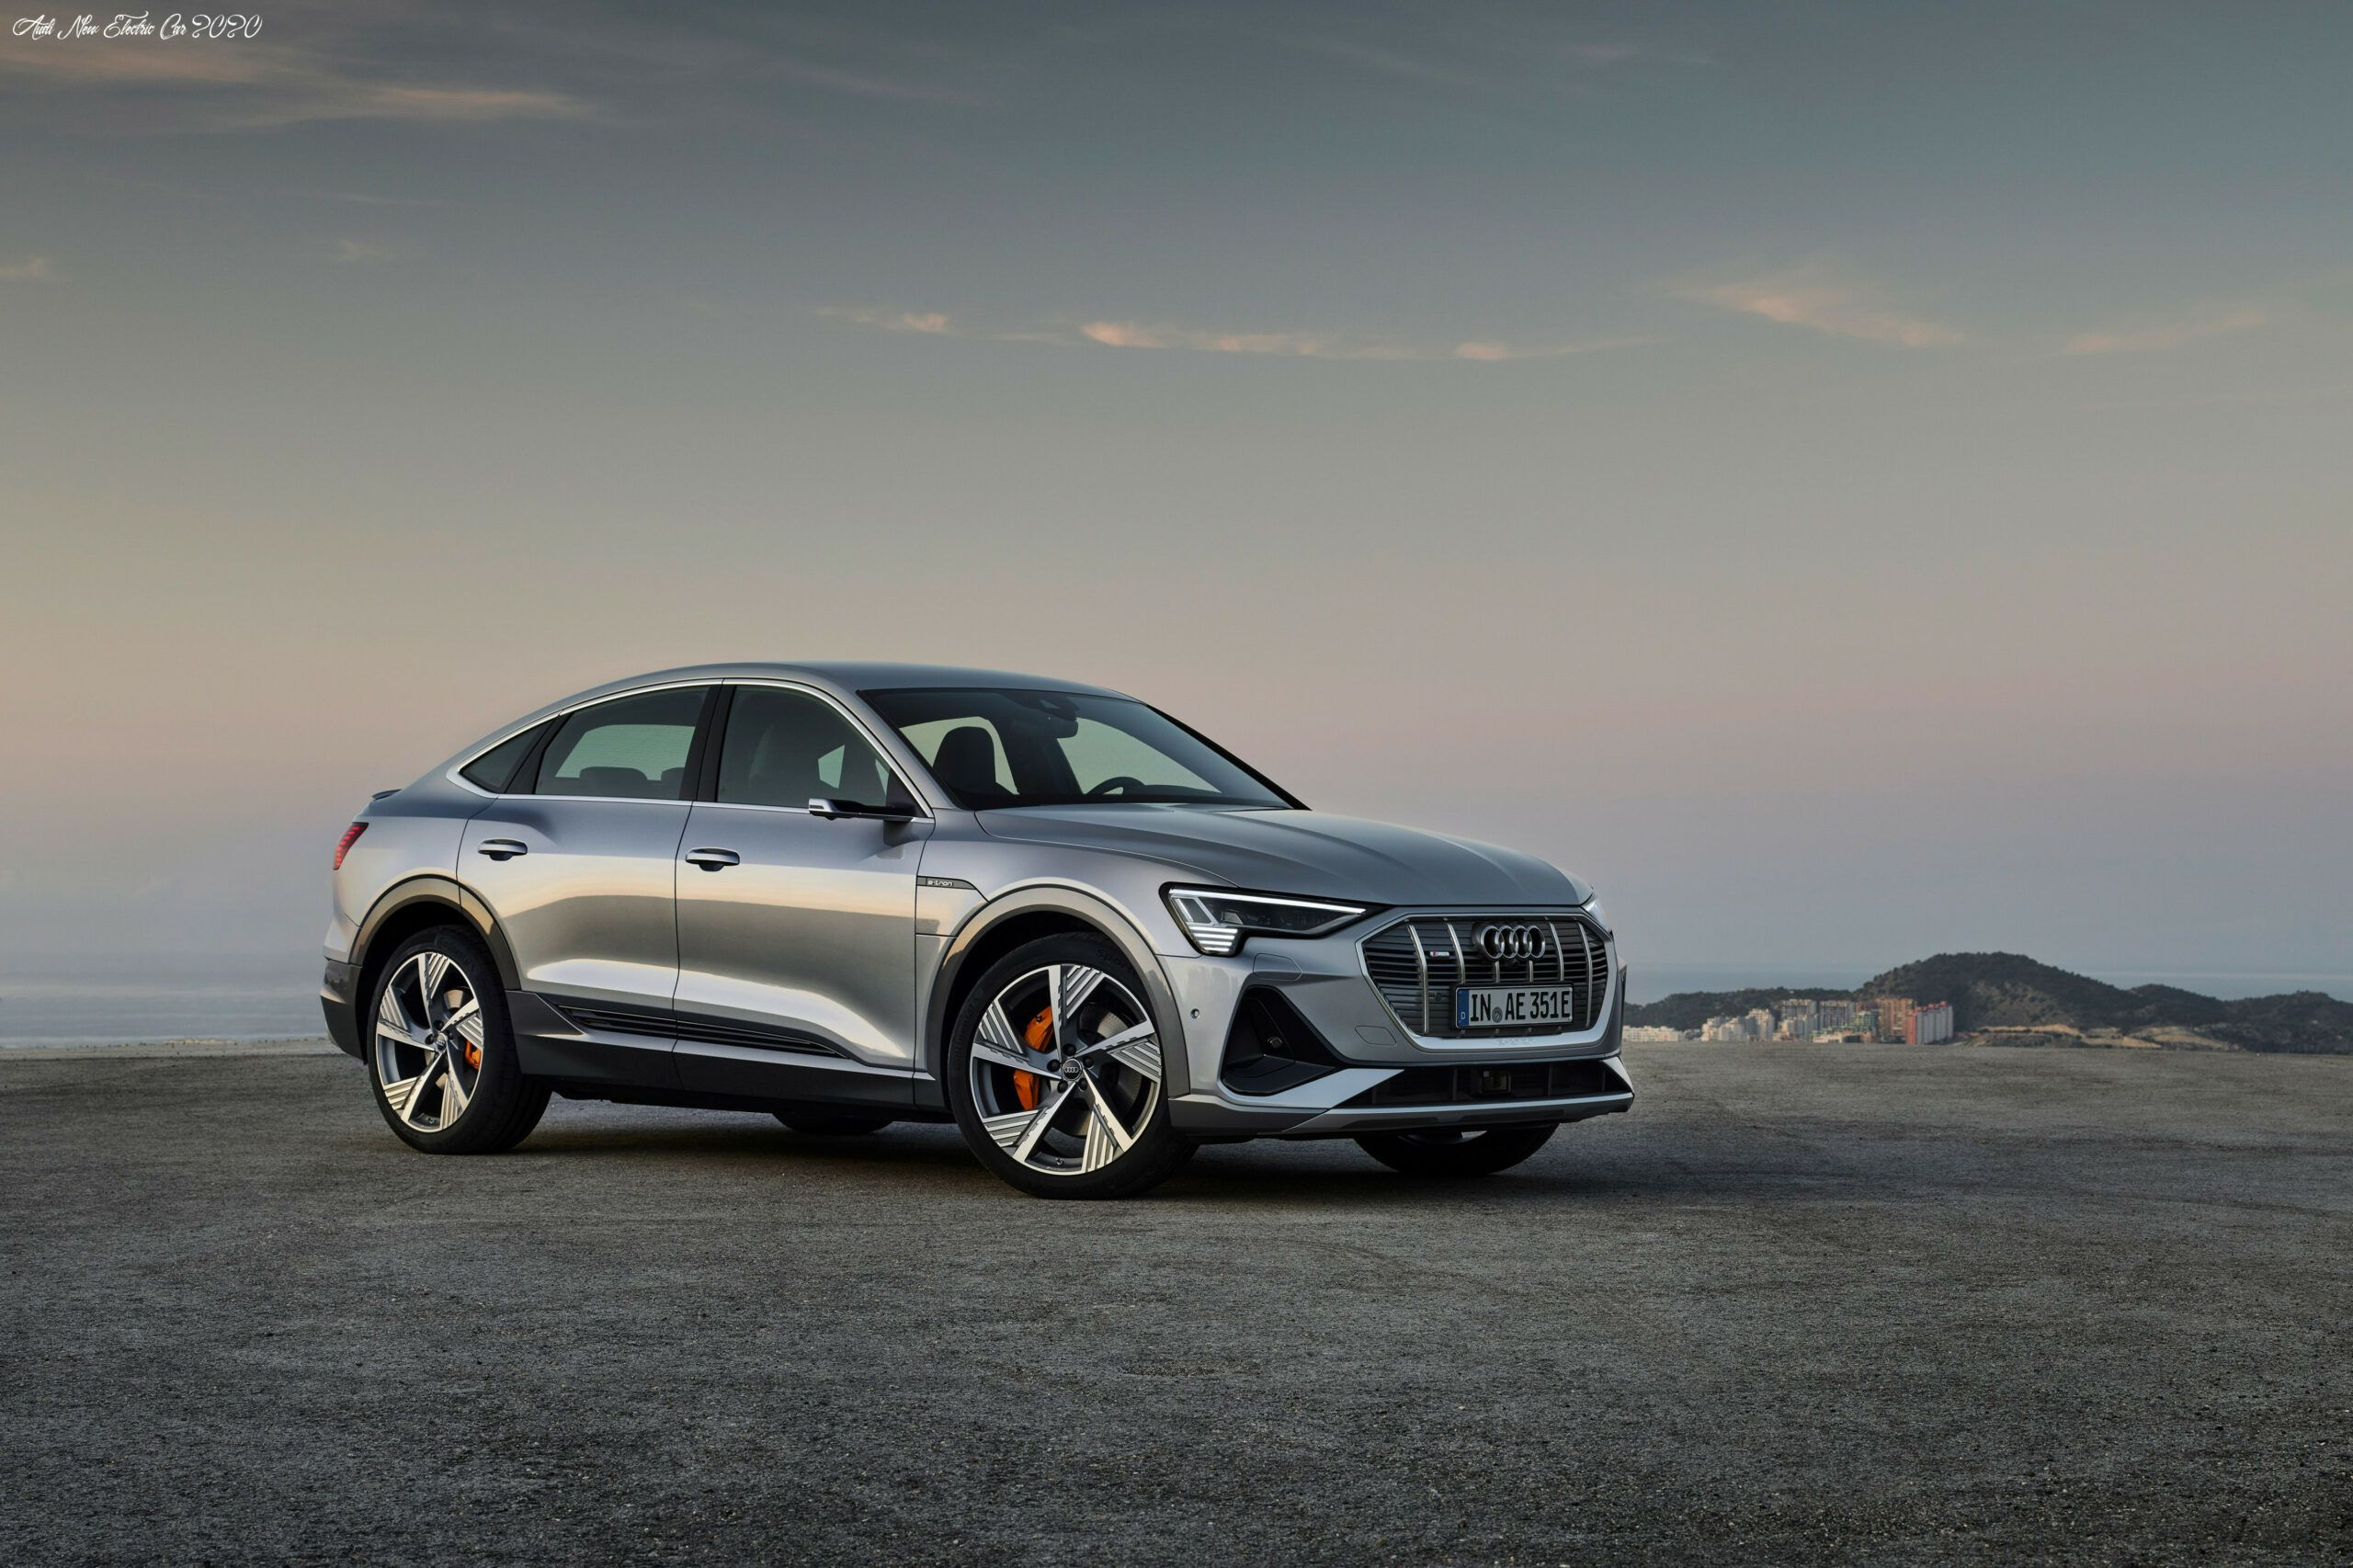 Audi New Electric Car 2020 Specs In 2020 Audi E Tron Top Electric Cars Audi